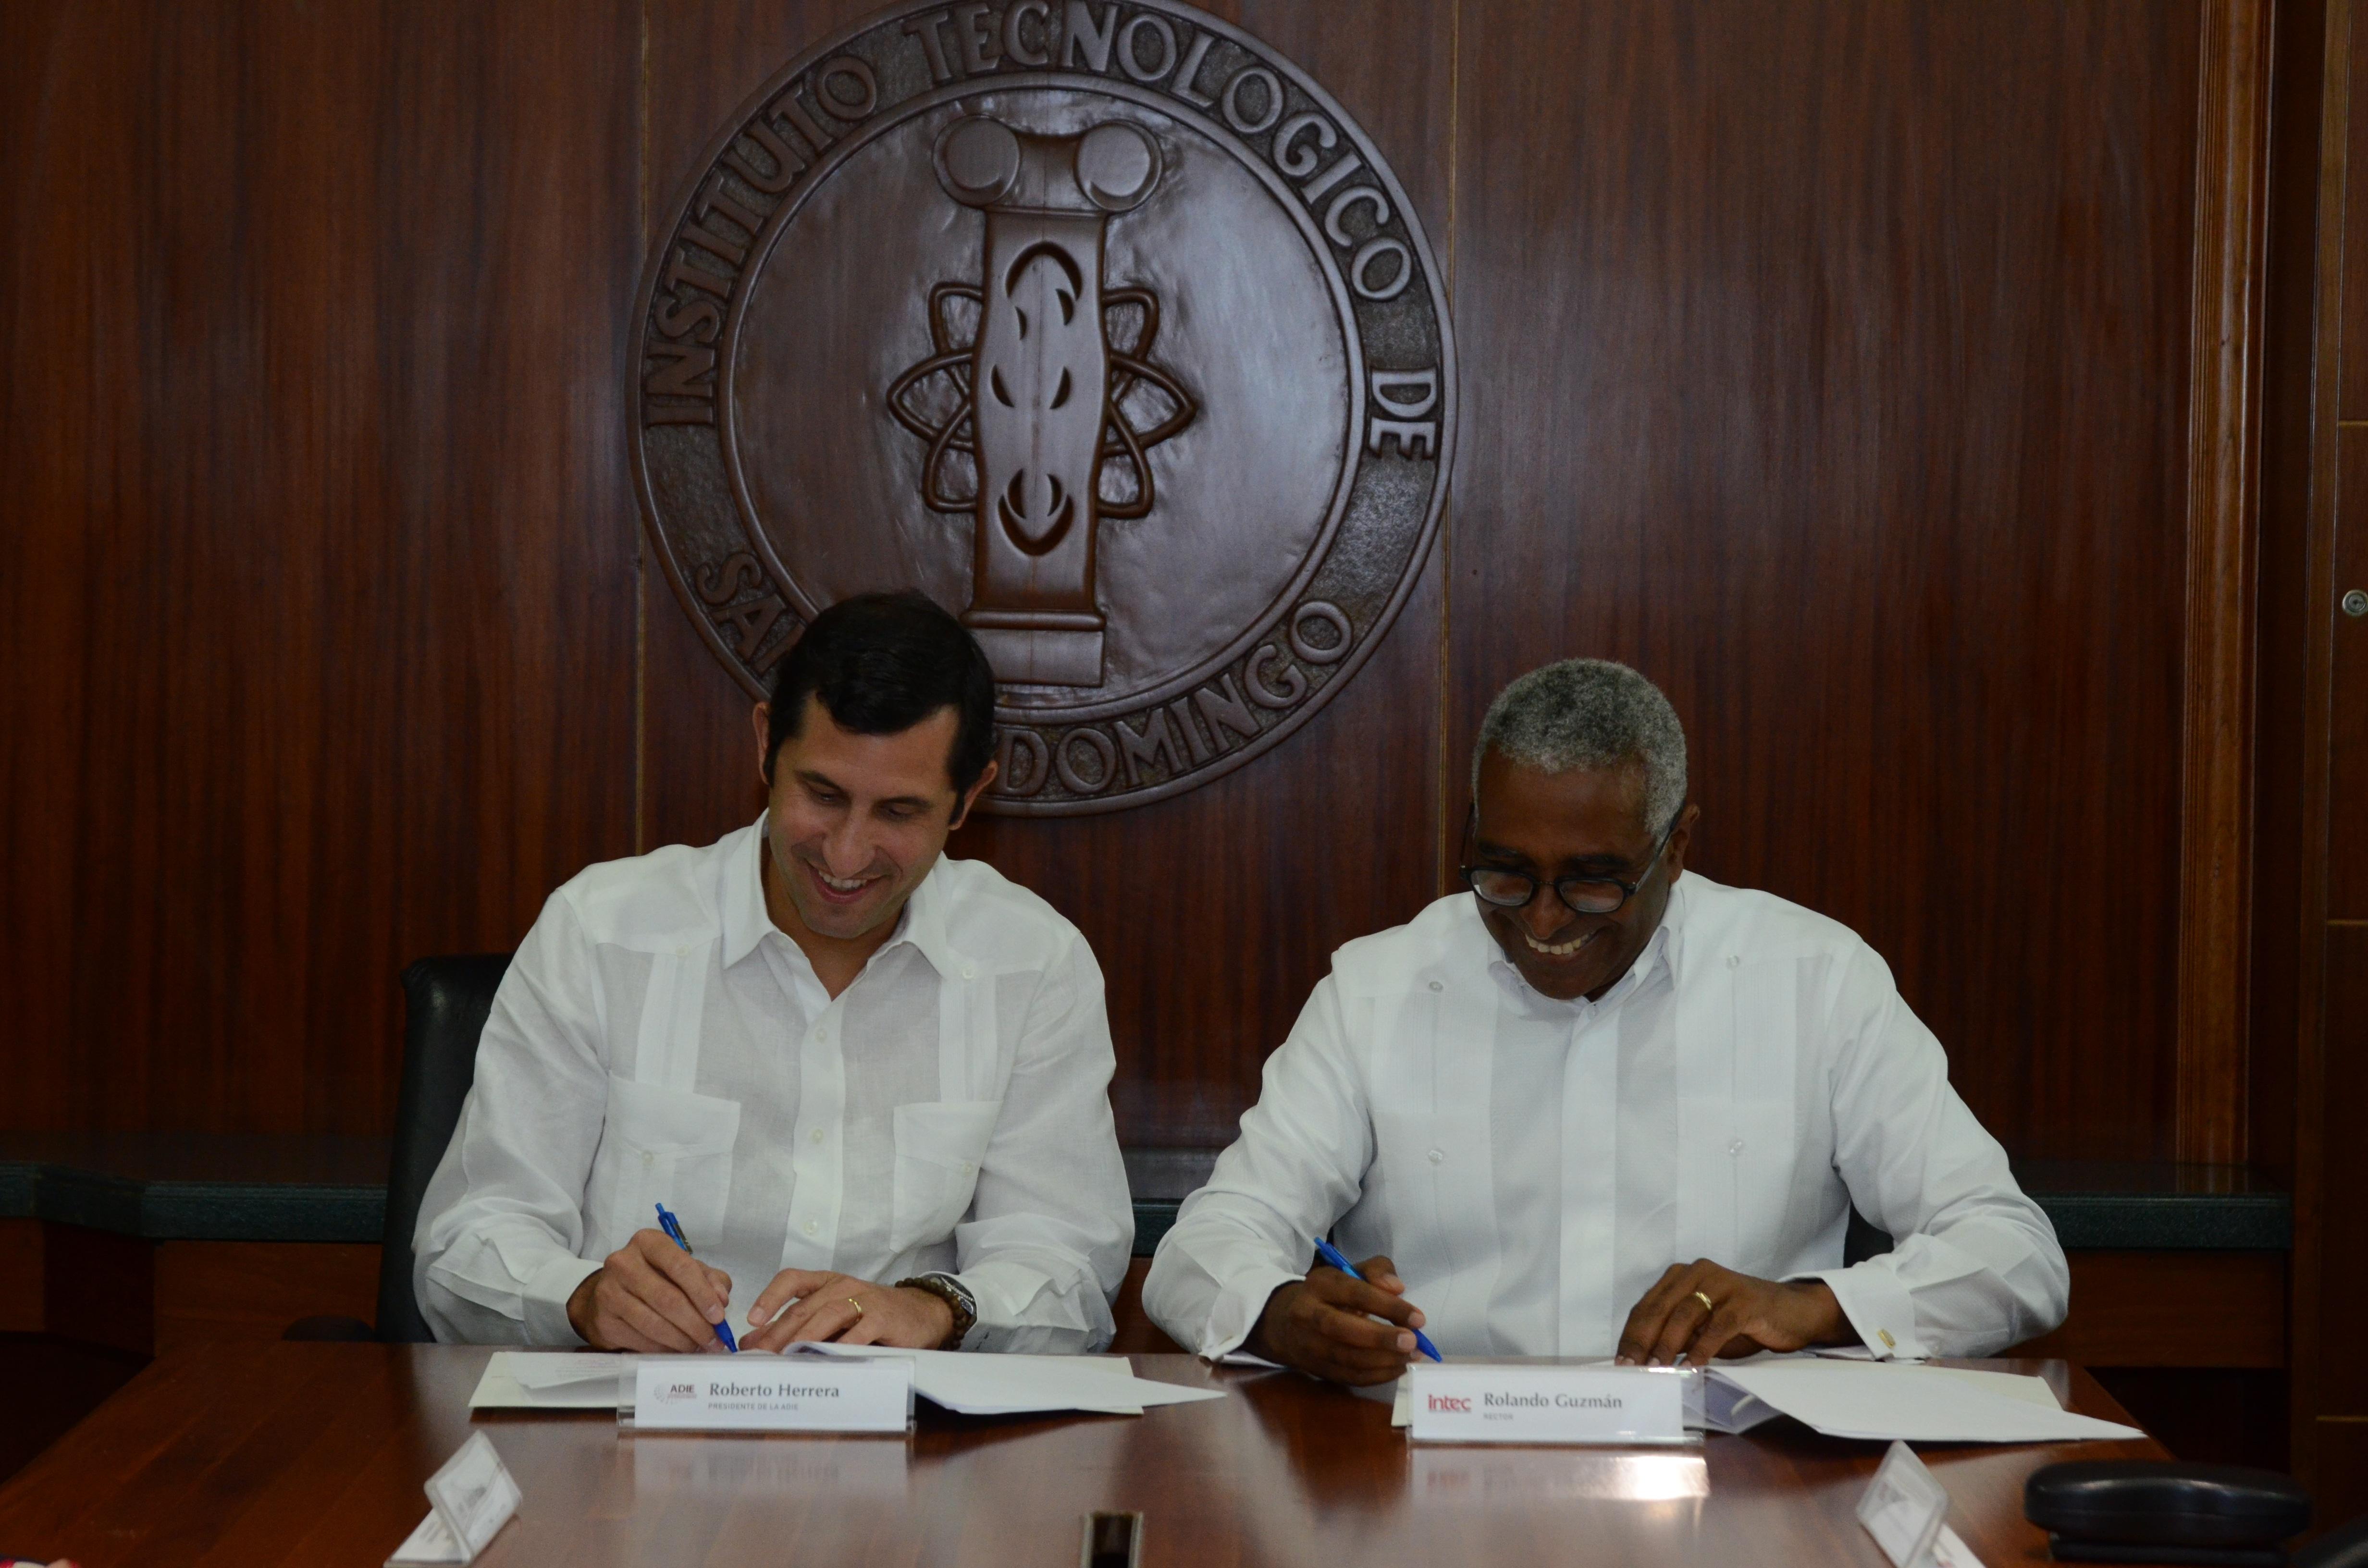 INTEC y ADIE firman acuerdo para aportar soluciones a problemas energéticos del país